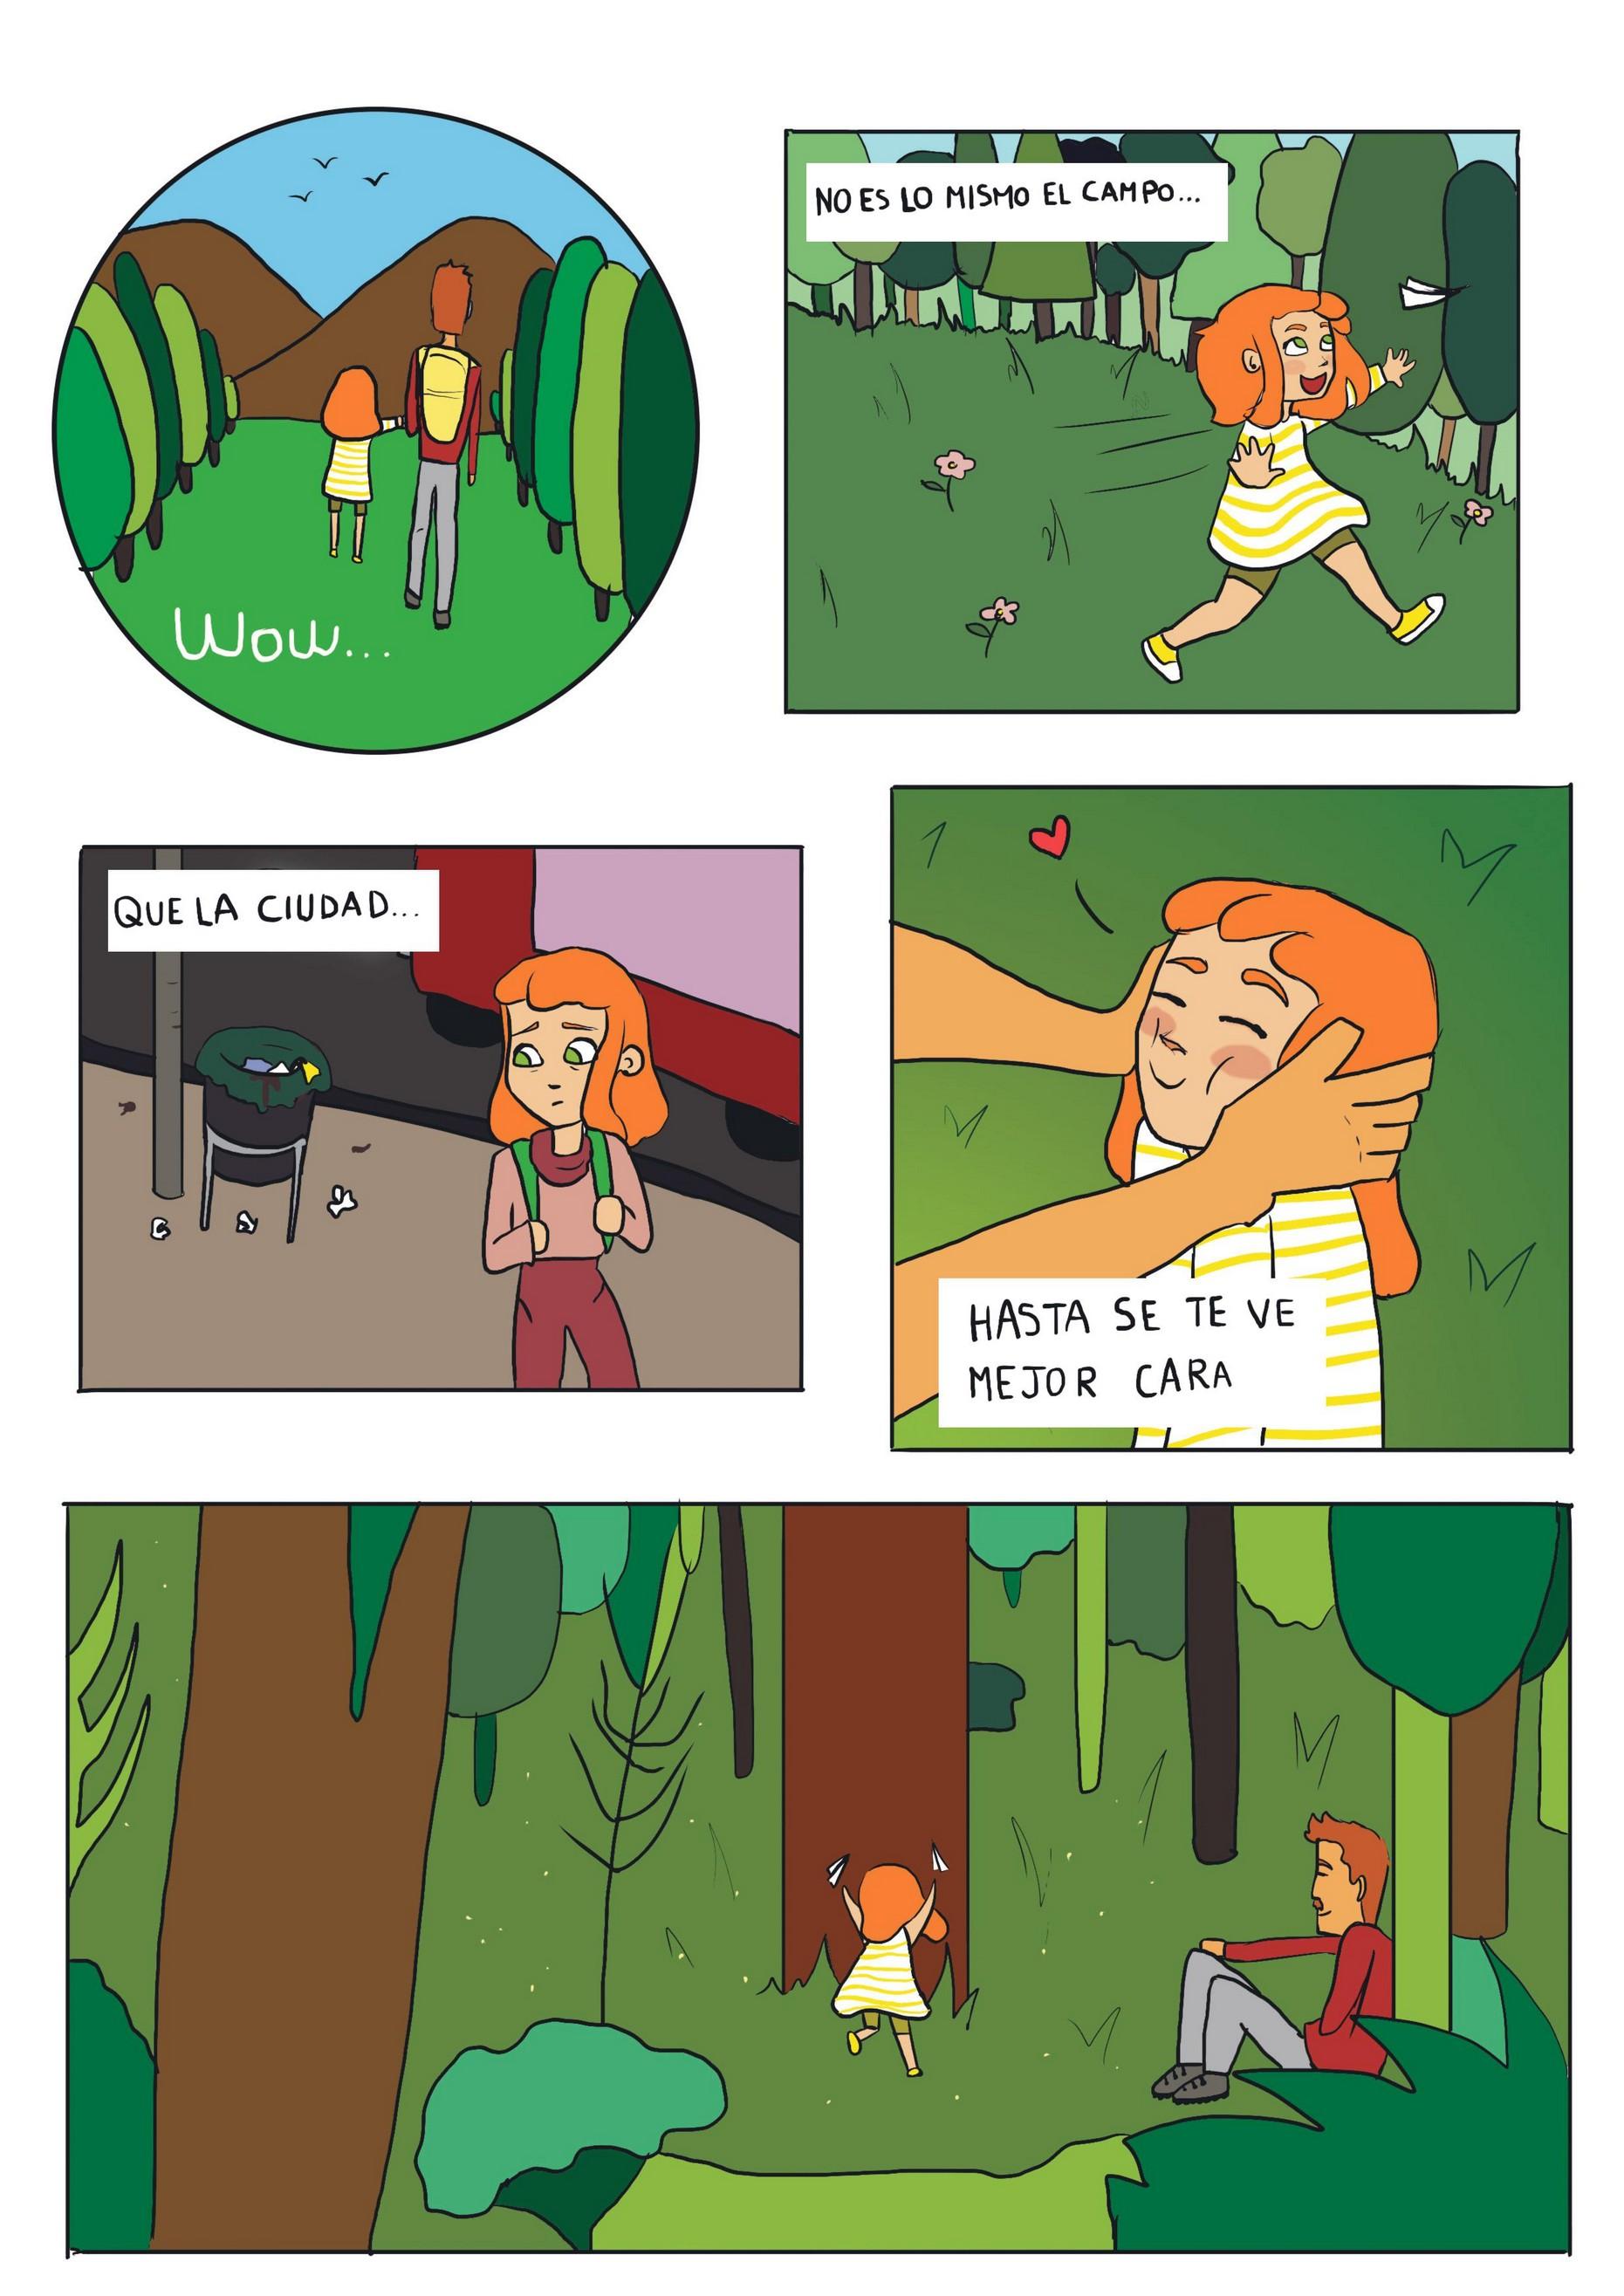 LaMontañaDePapel_Rocío_Álvarez_López_pagina00004